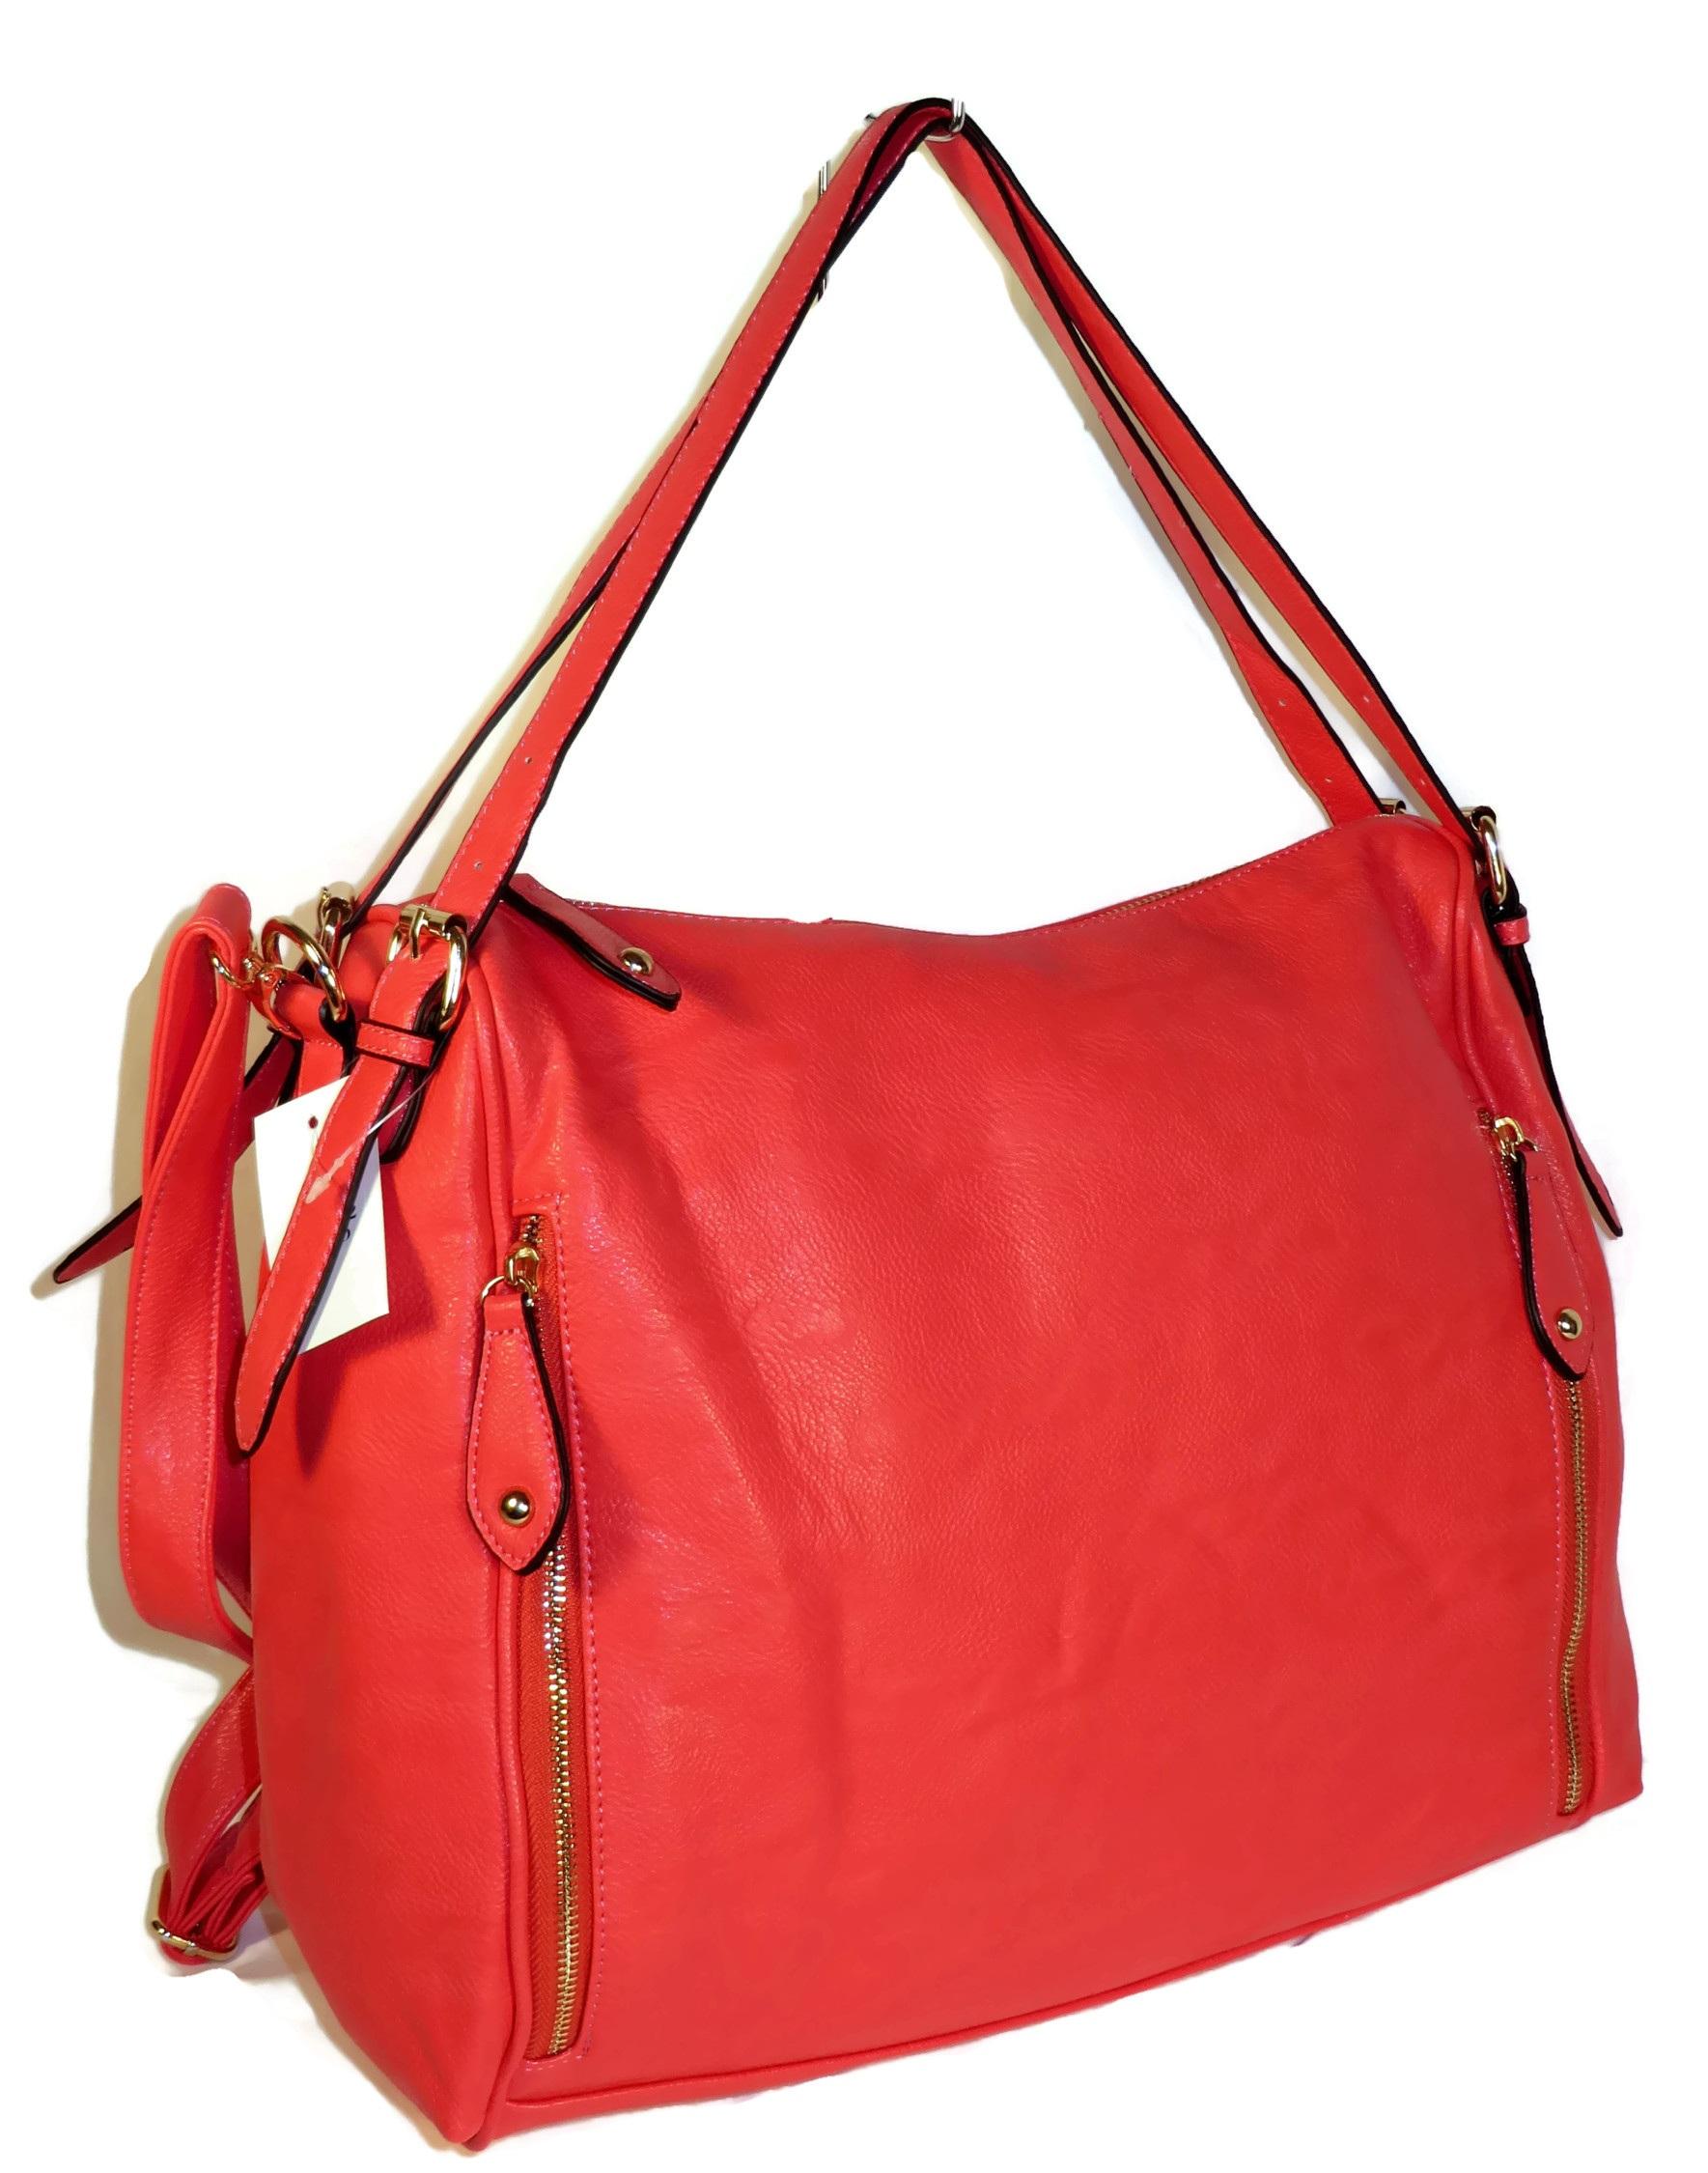 b6f5a39457a23 Fotoğraf : kadın, deri, sırt çantası, moda, alışveriş yapmak, Bayan,  modern, el çantası, Tasarım, Kadınlar, çanta, Aksesuarlar, Stil, Zerafet,  şık, ...